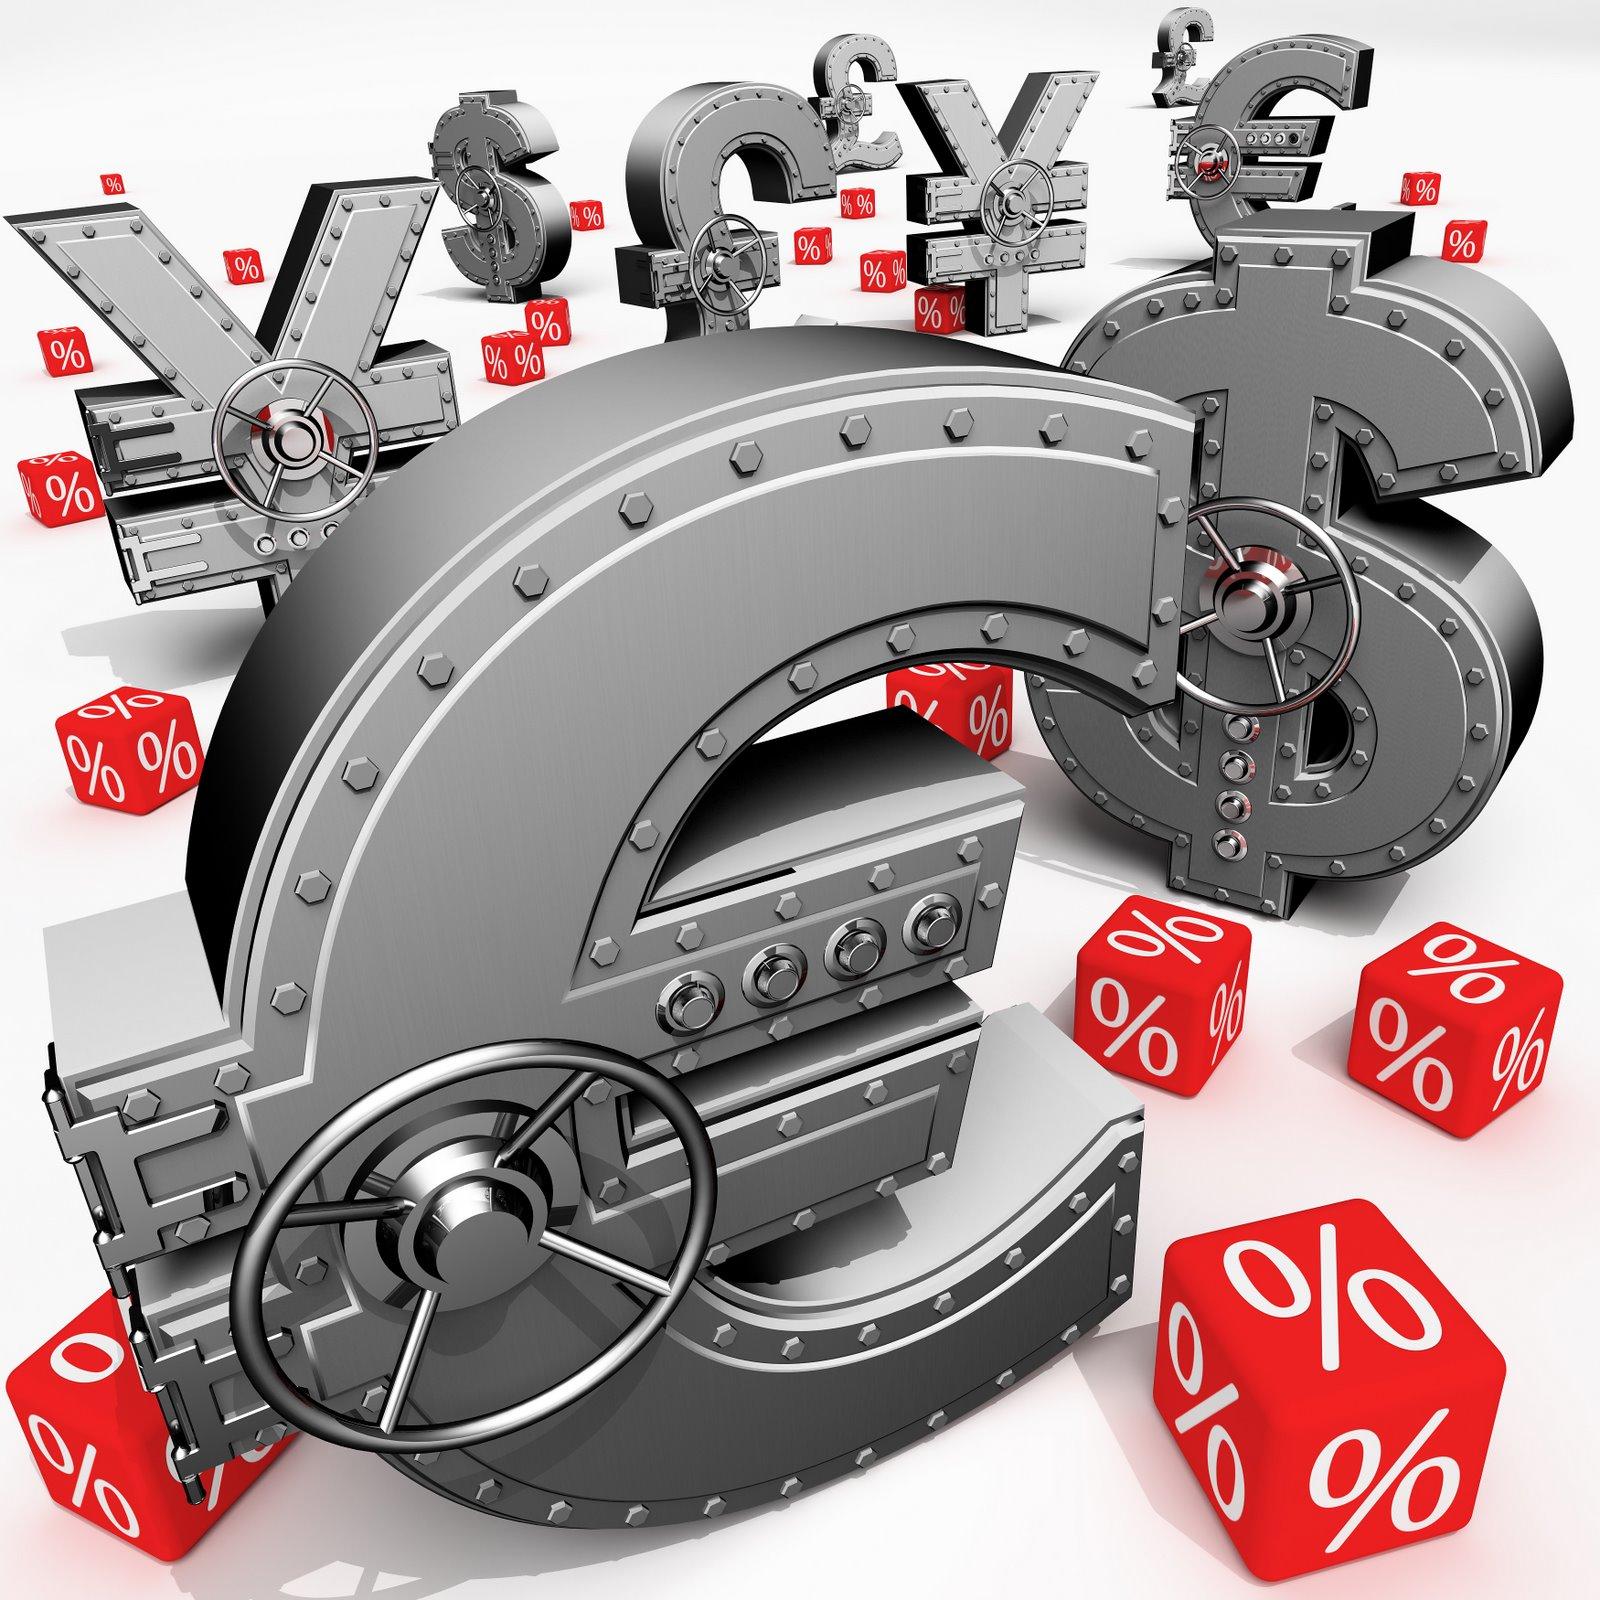 اندازه گیری اهمیت از دیدگاه سهامداران